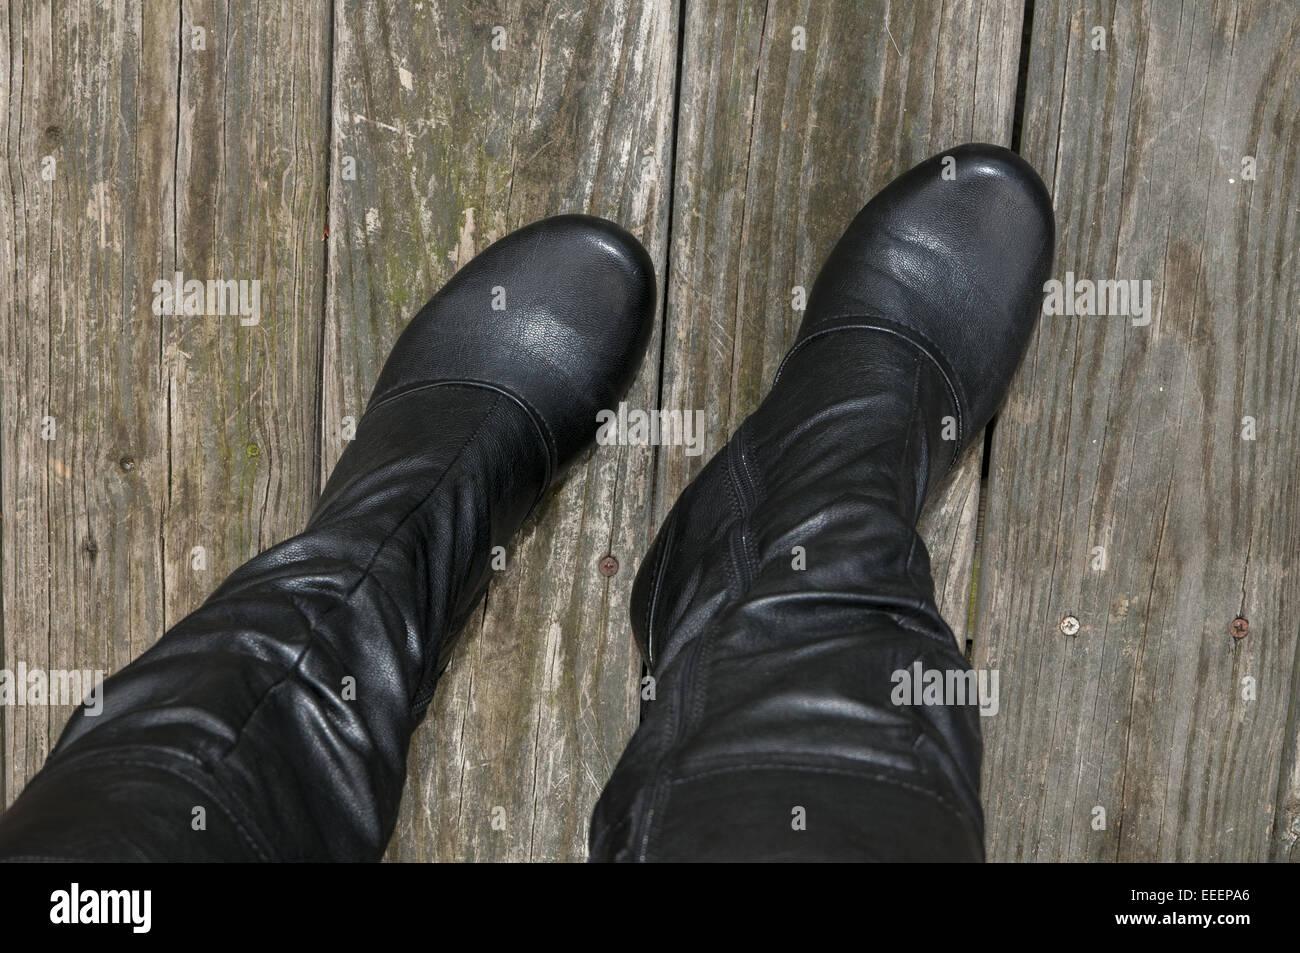 Hohe Schwarze Stiefel Stockfotos & Hohe Schwarze Stiefel